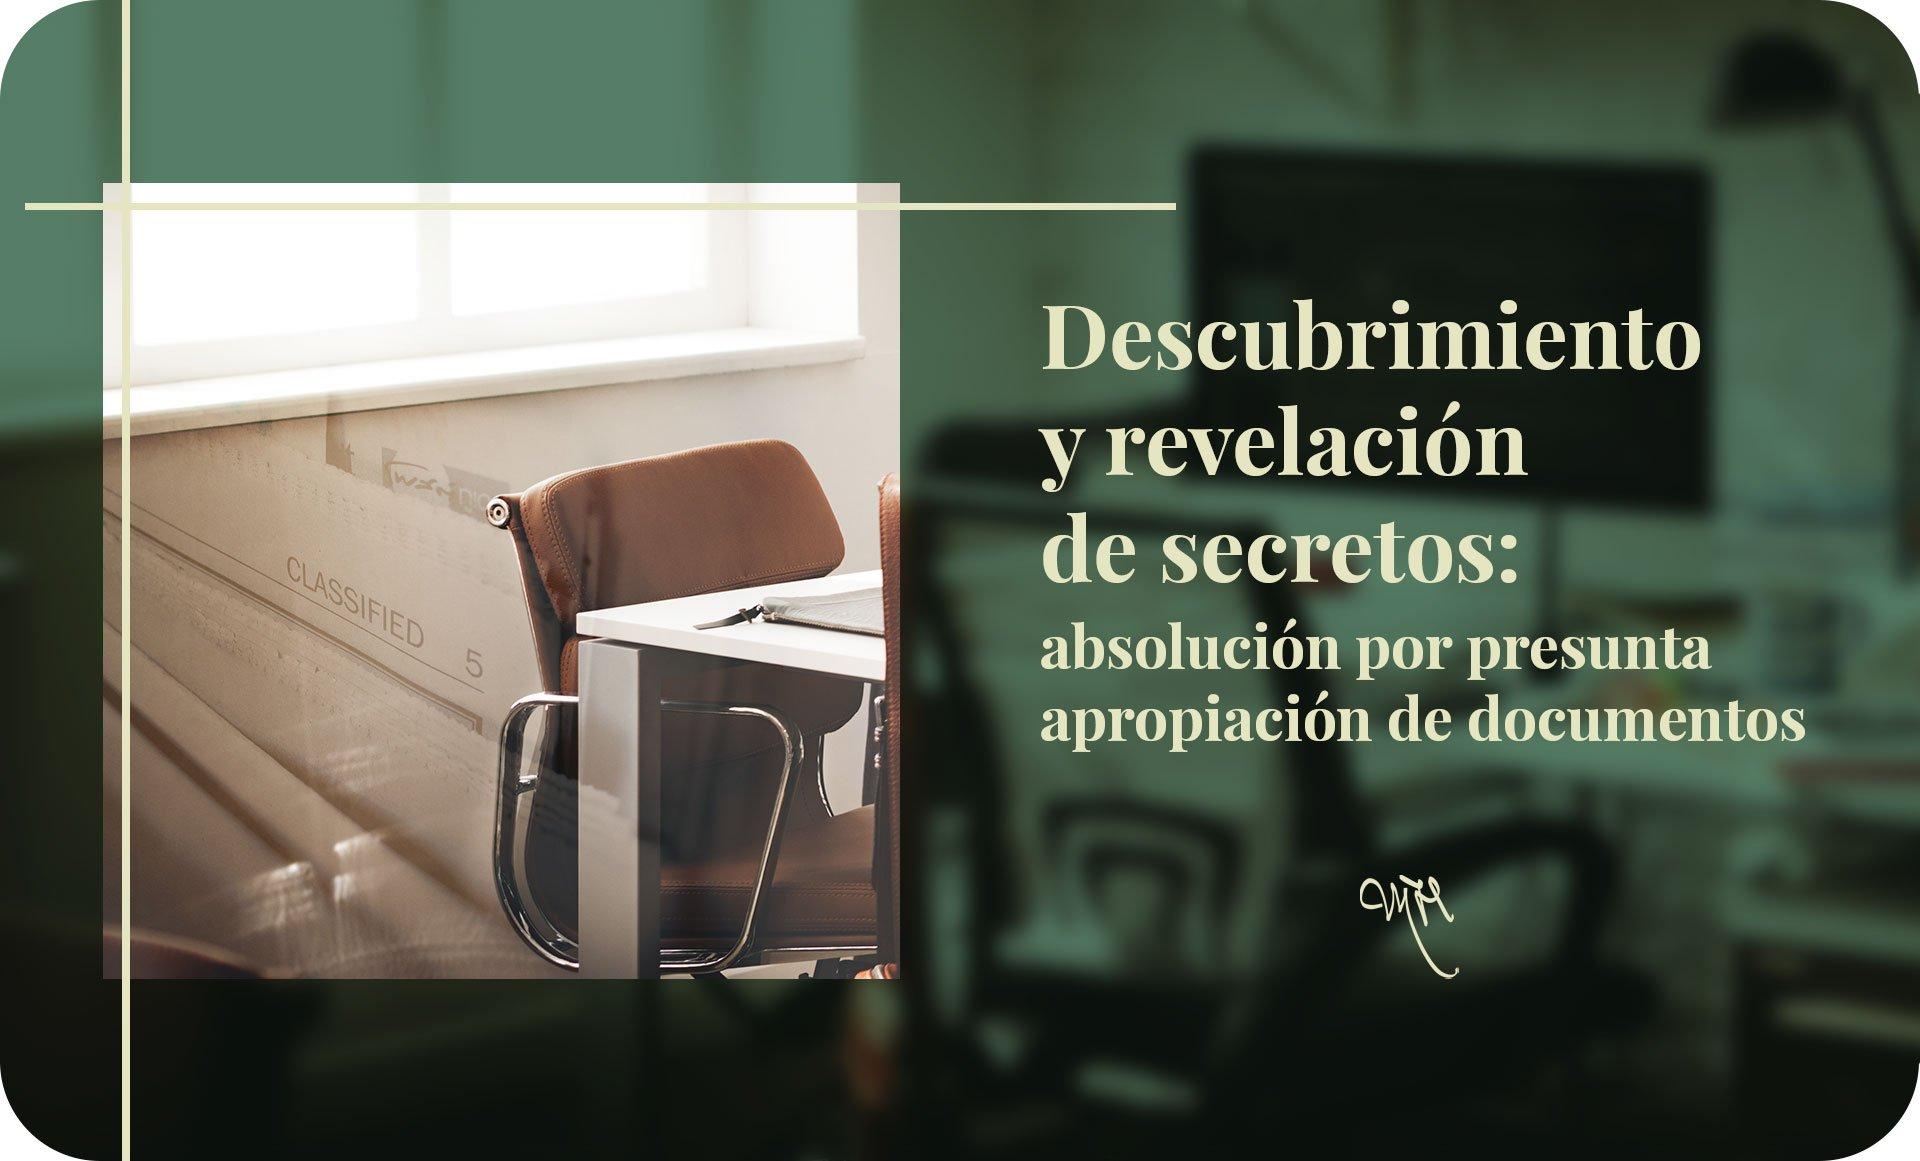 Descubrimiento-y-revelacion-de-secretos-apropiacion-de-documentos